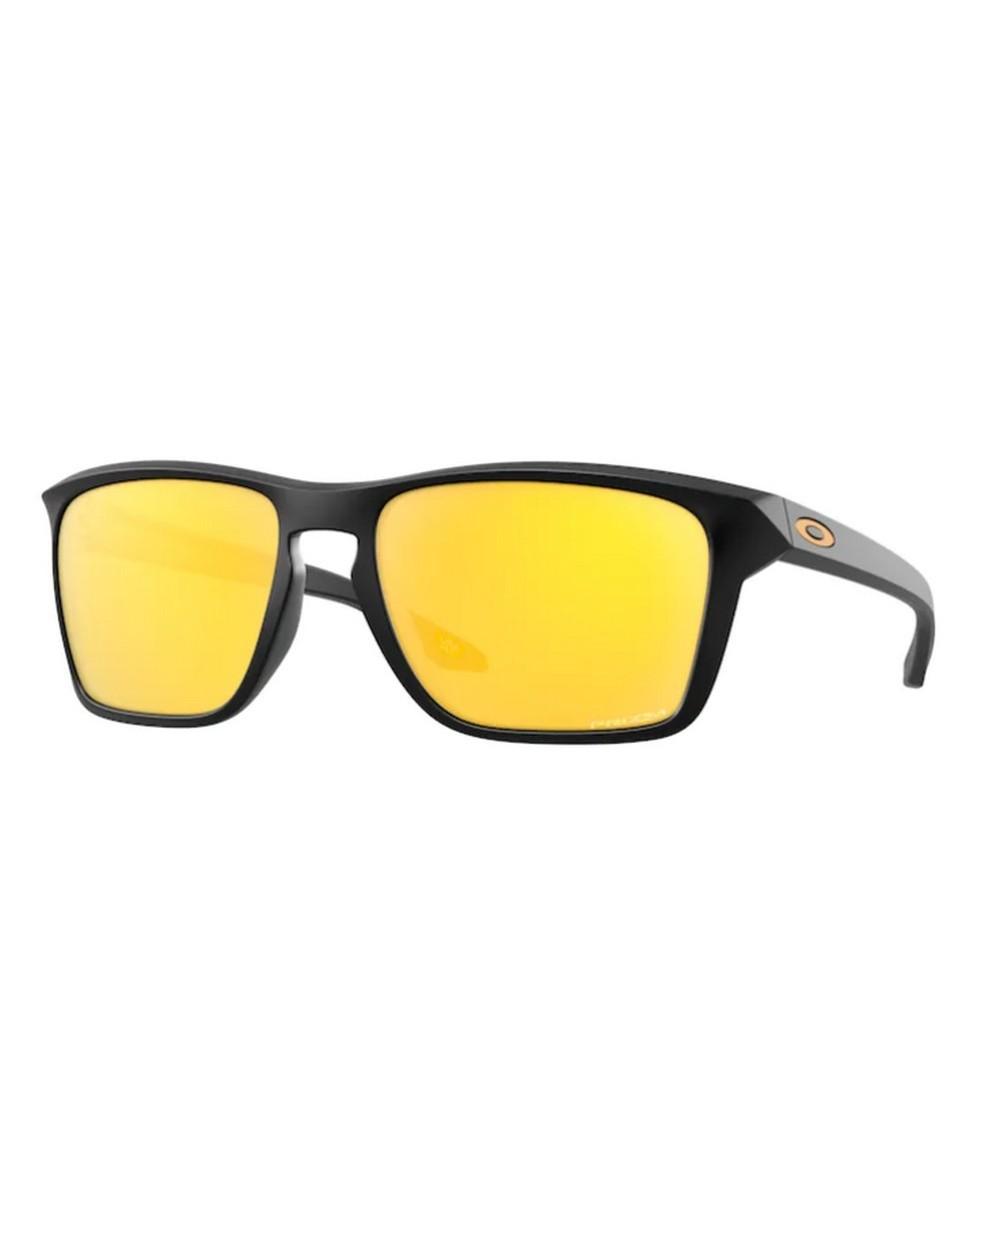 Occhiale da sole Oakley OO 9448 Sylas originale garanzia italia